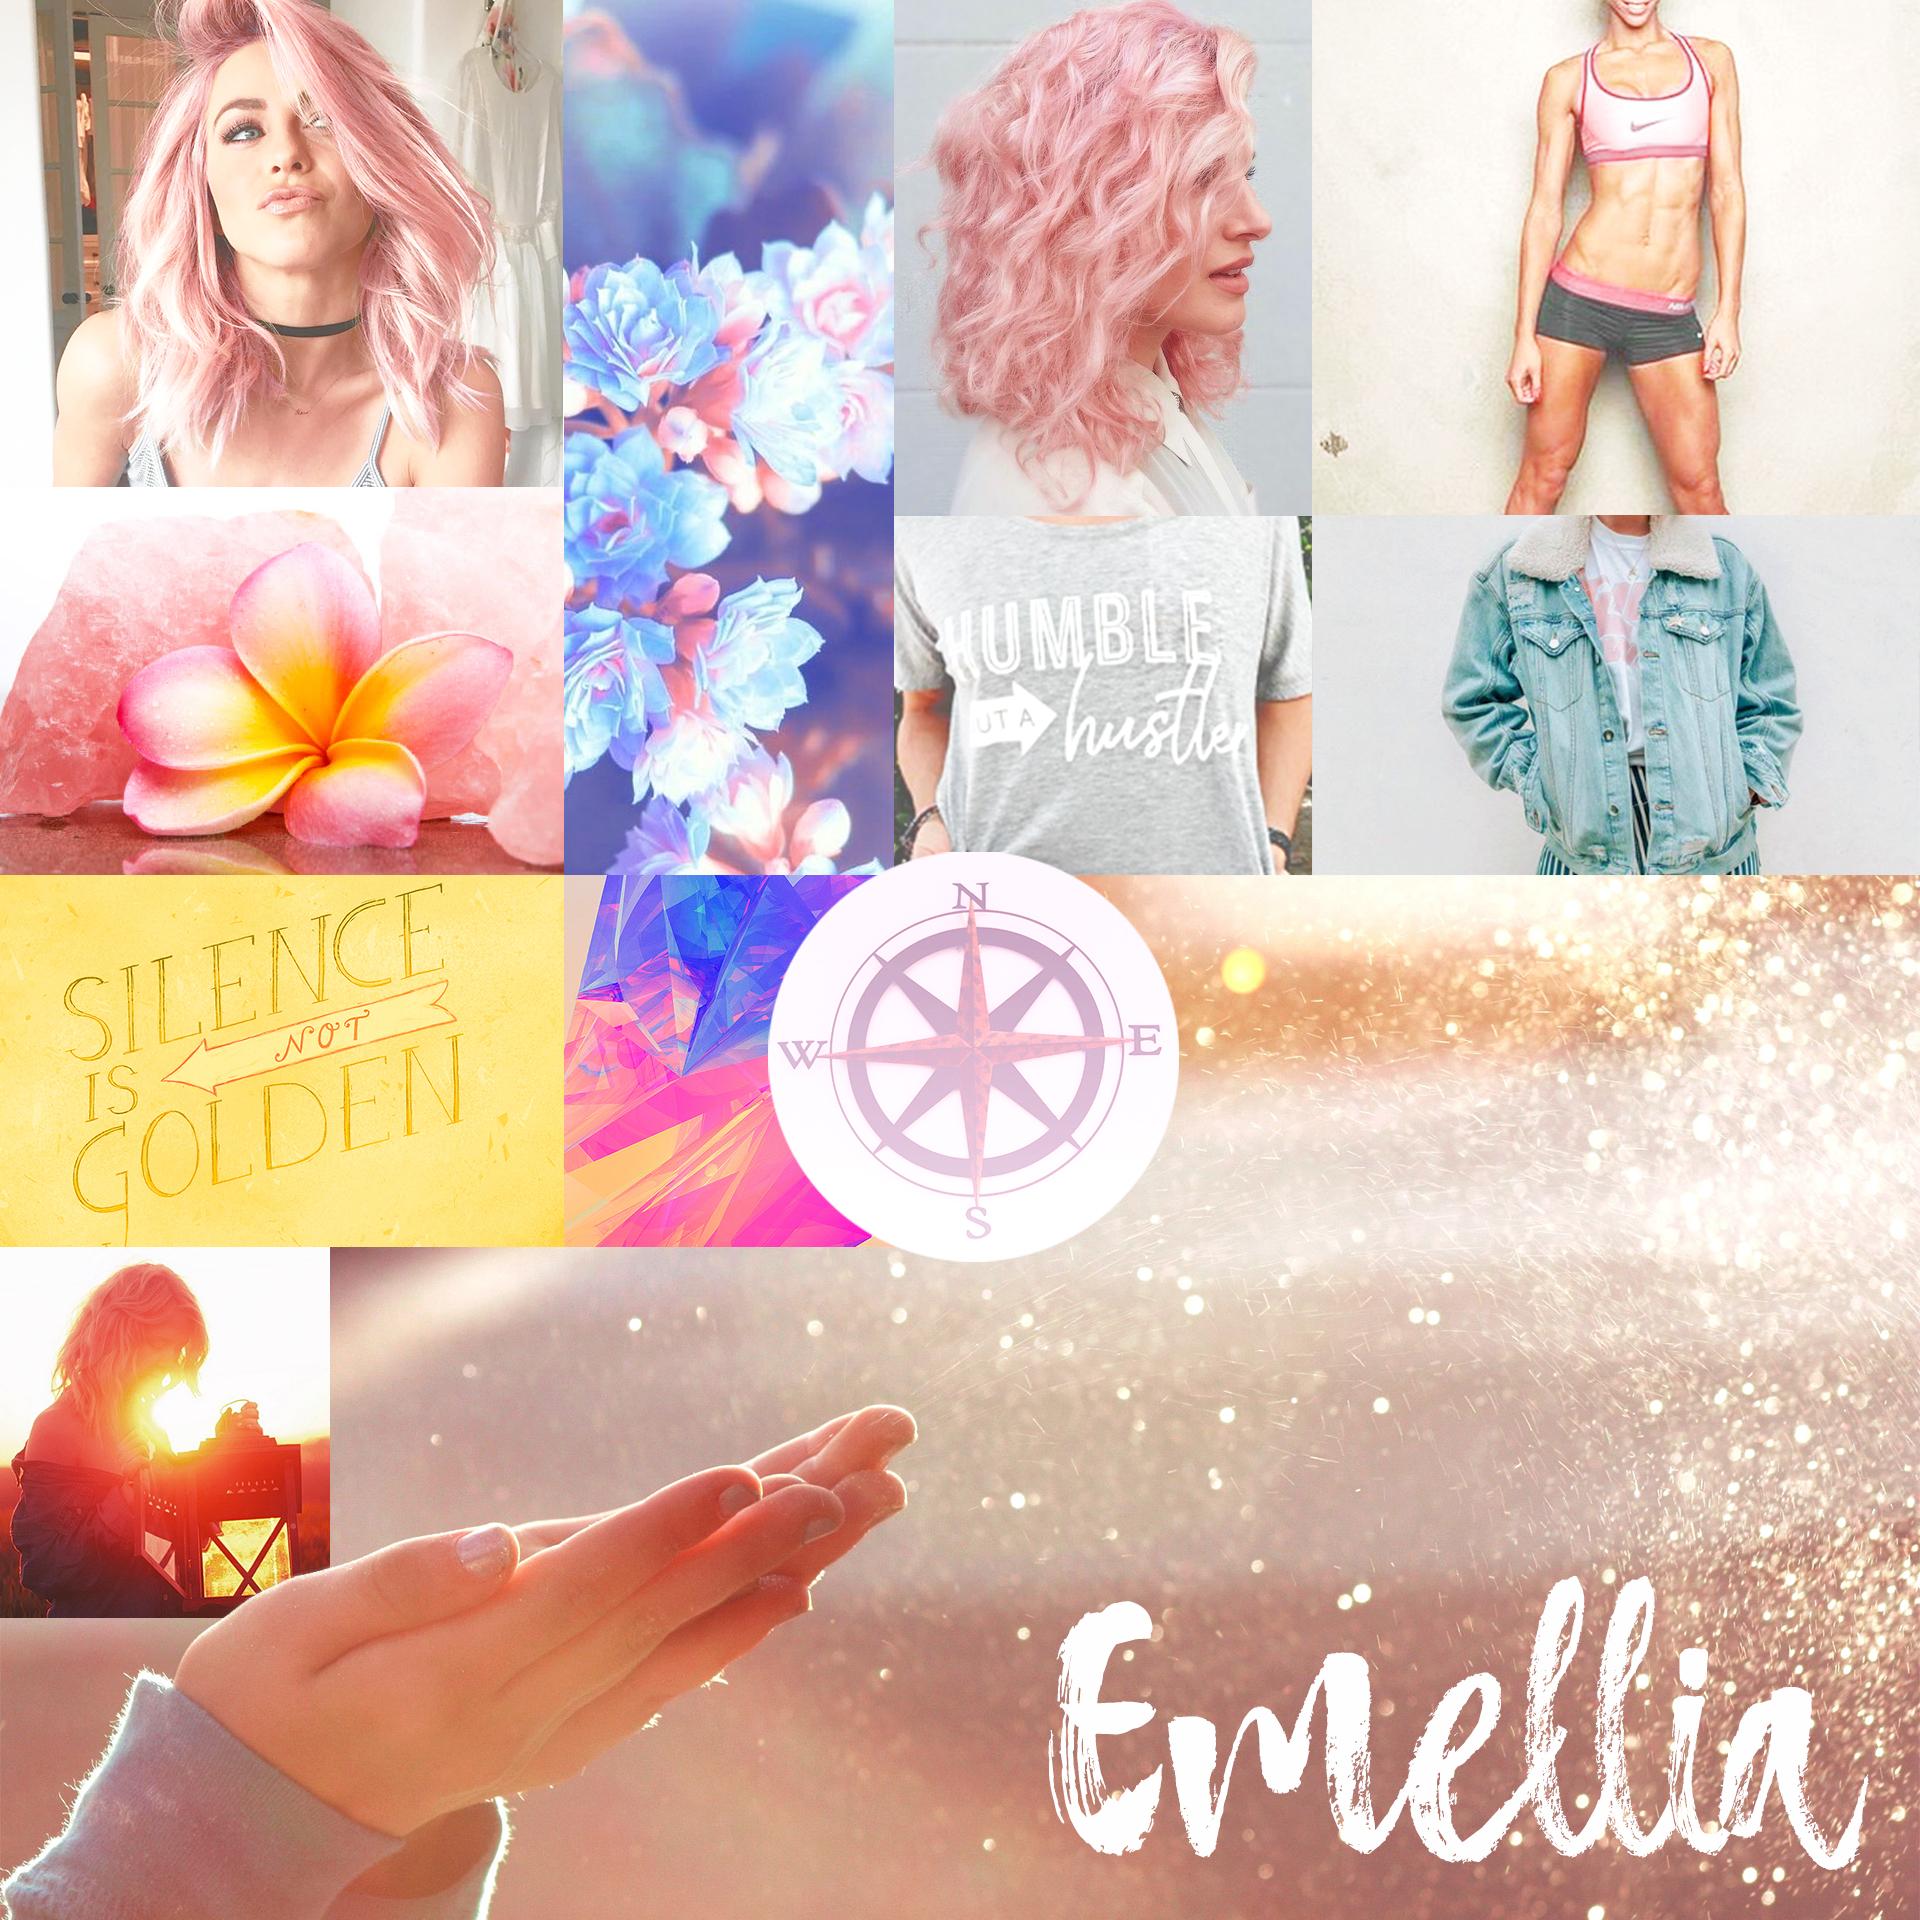 Emellia_Moodboard.jpg